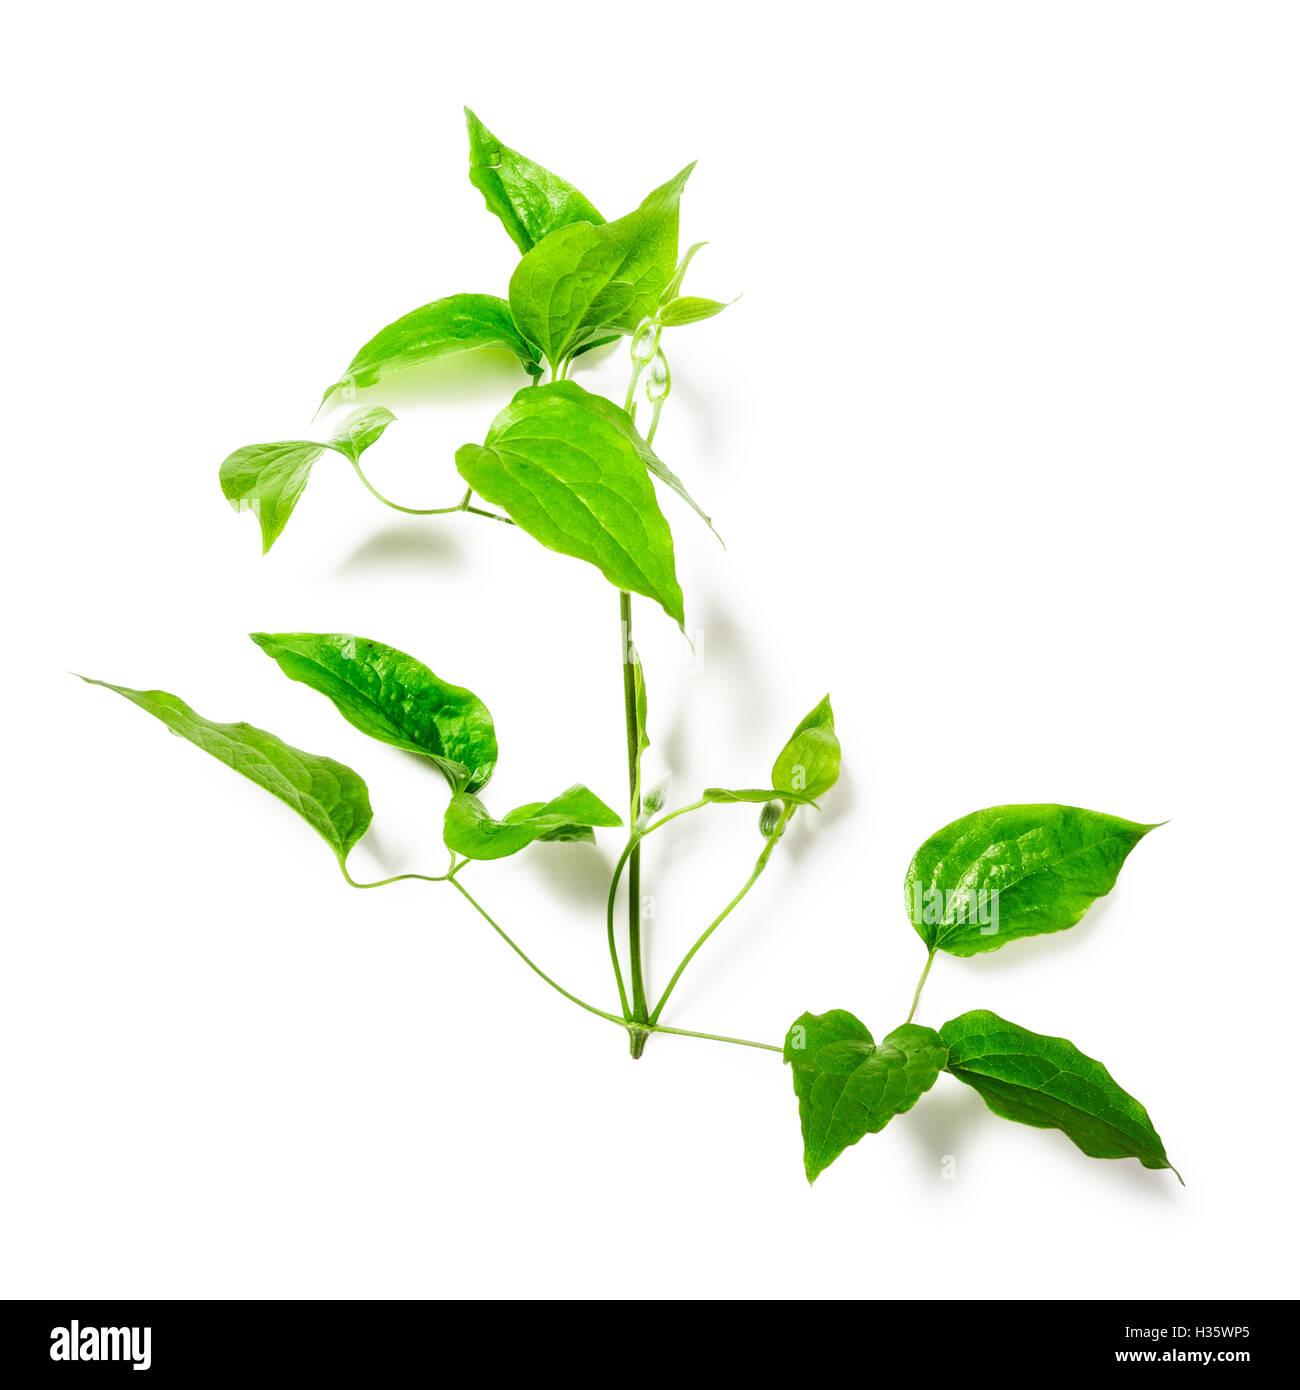 Clematis Blätter mit Ranke. Grünen Zweig isoliert auf weißem Hintergrund-Clipping-Pfad enthalten. Stockbild